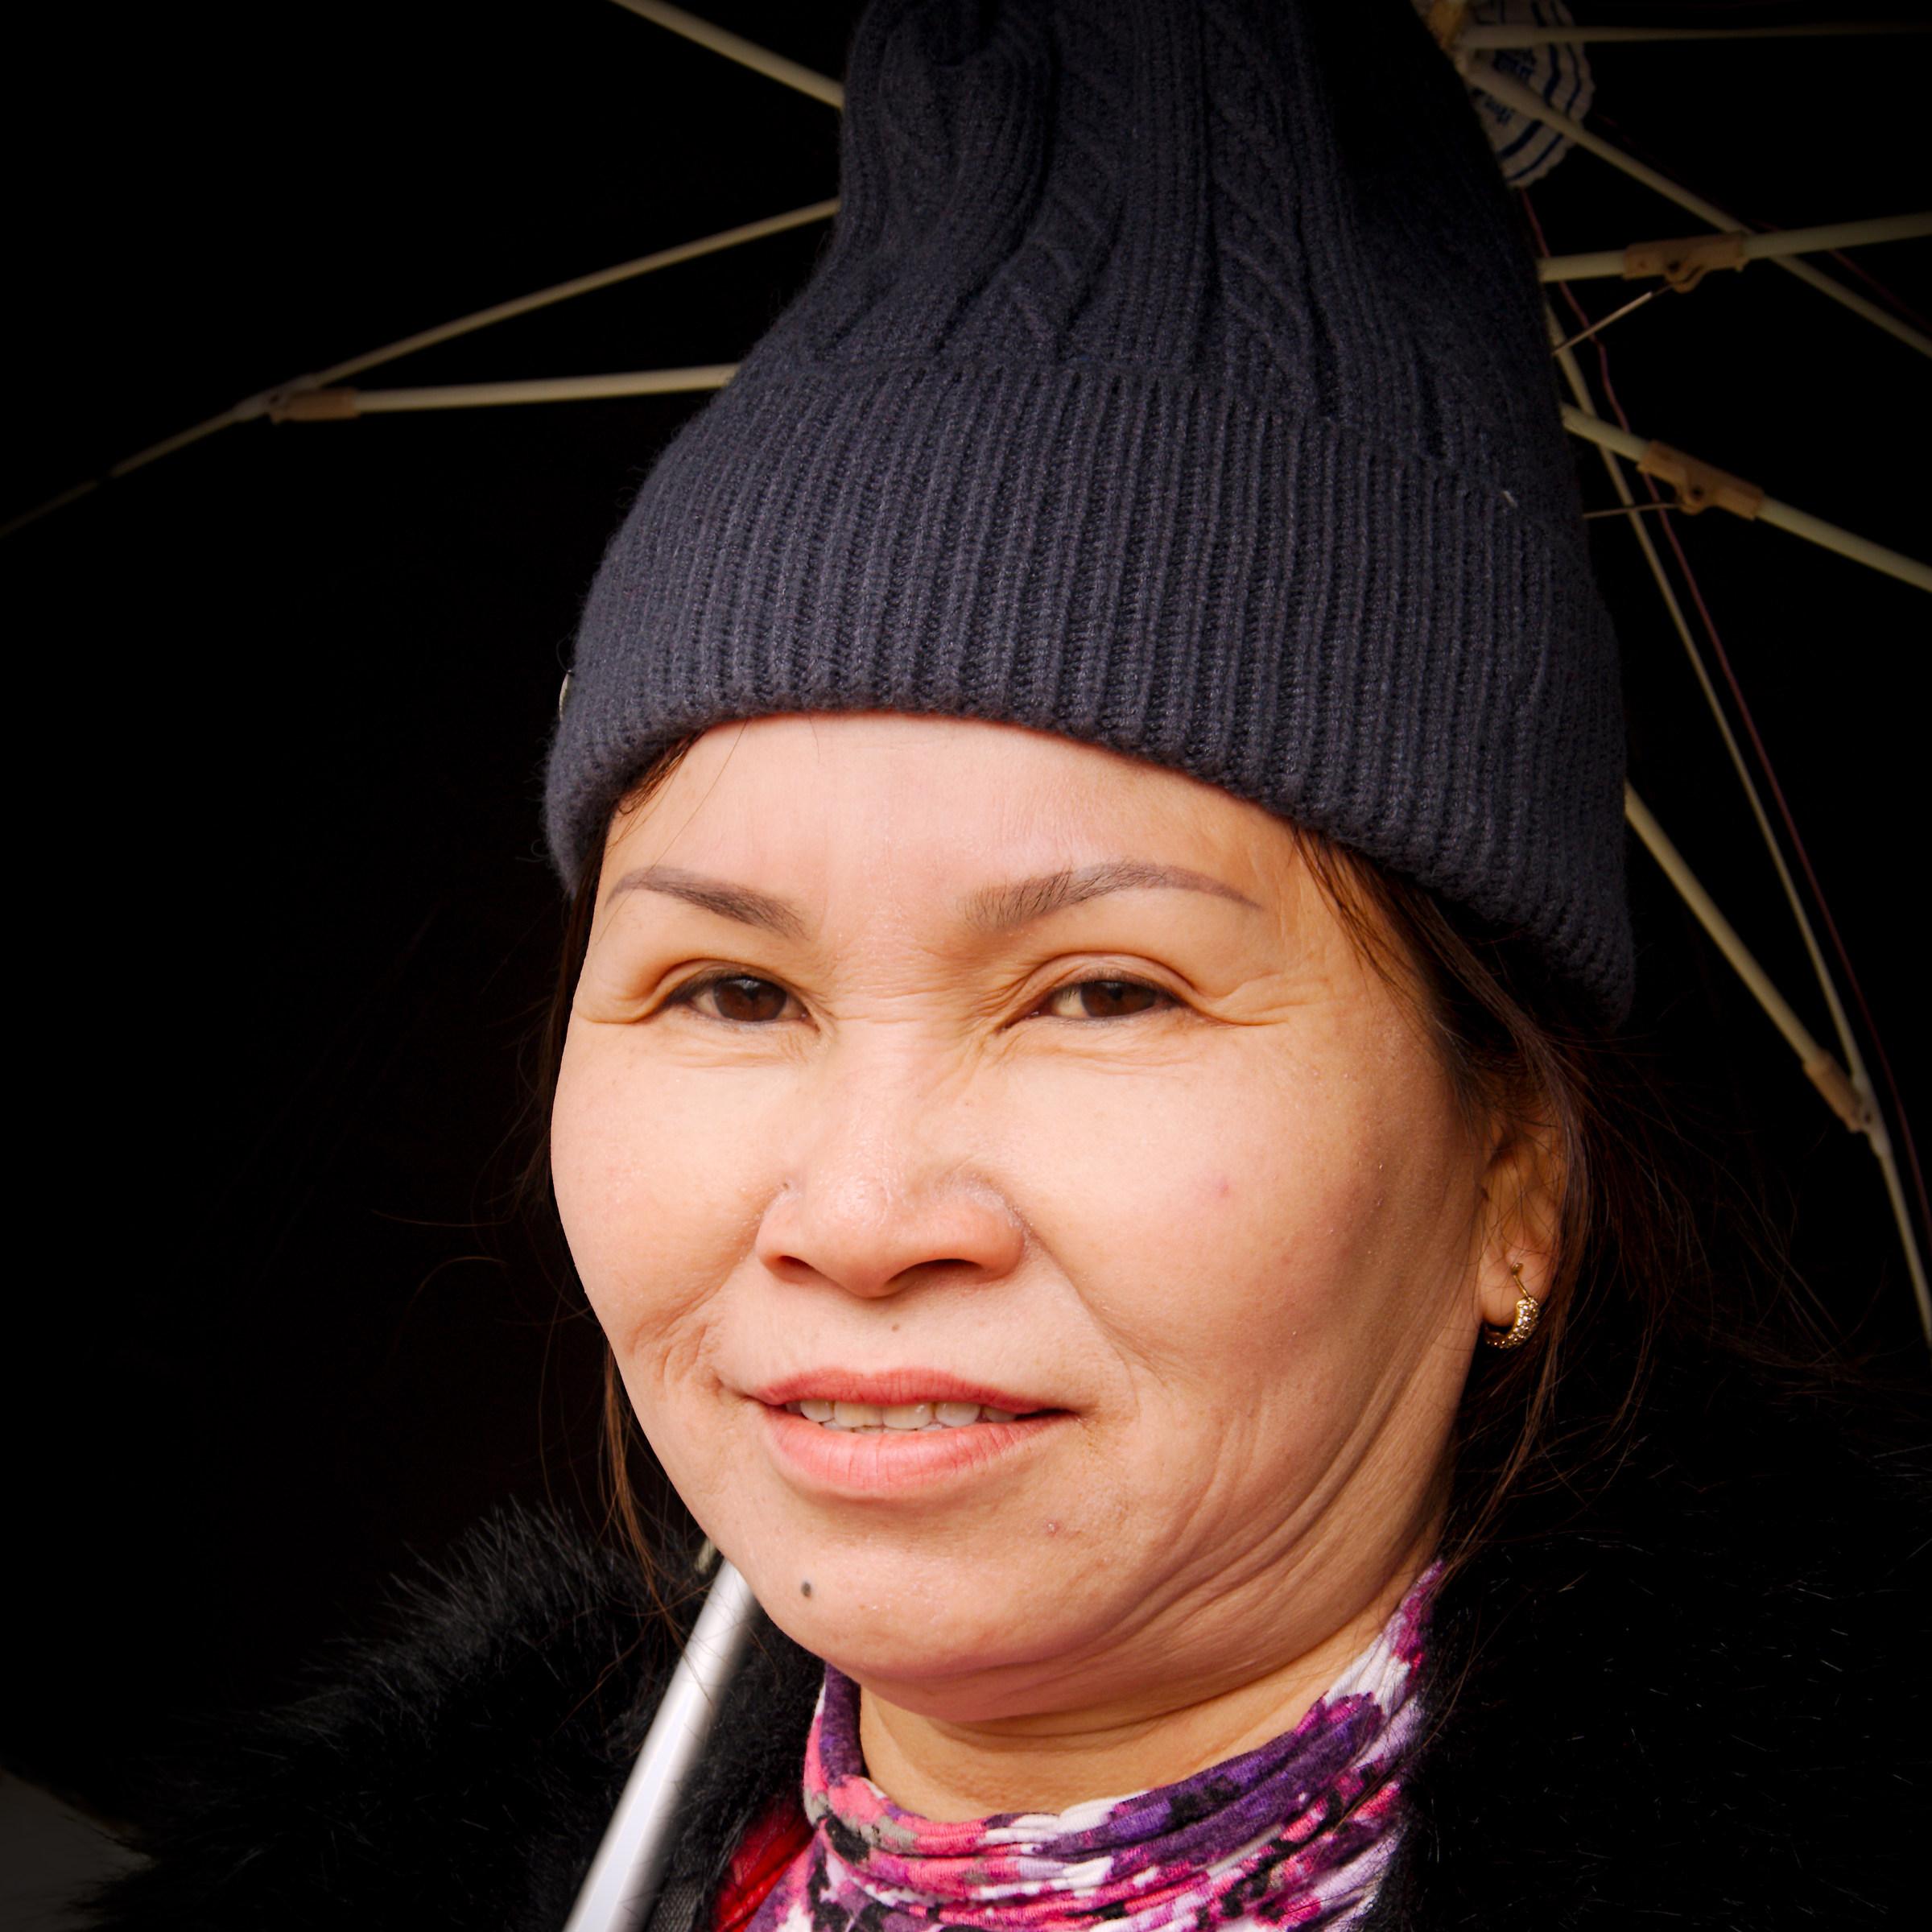 2016 Vietnam, Sapa. Con l'ombrello nero al sole....